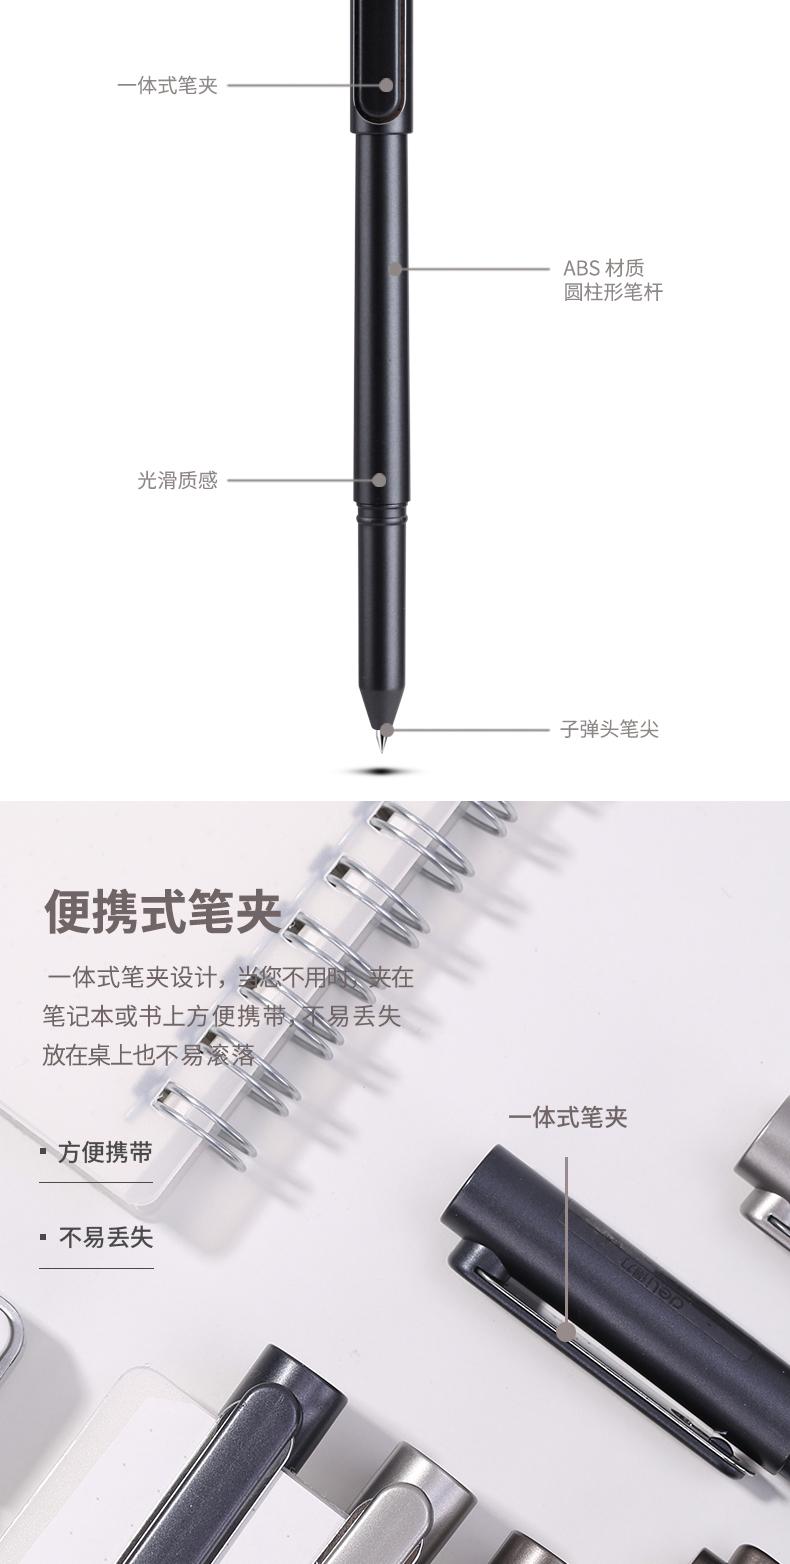 得力(deli)乐素0.5mm黑色中性笔签字笔 金属喷漆子弹头水笔12支/盒